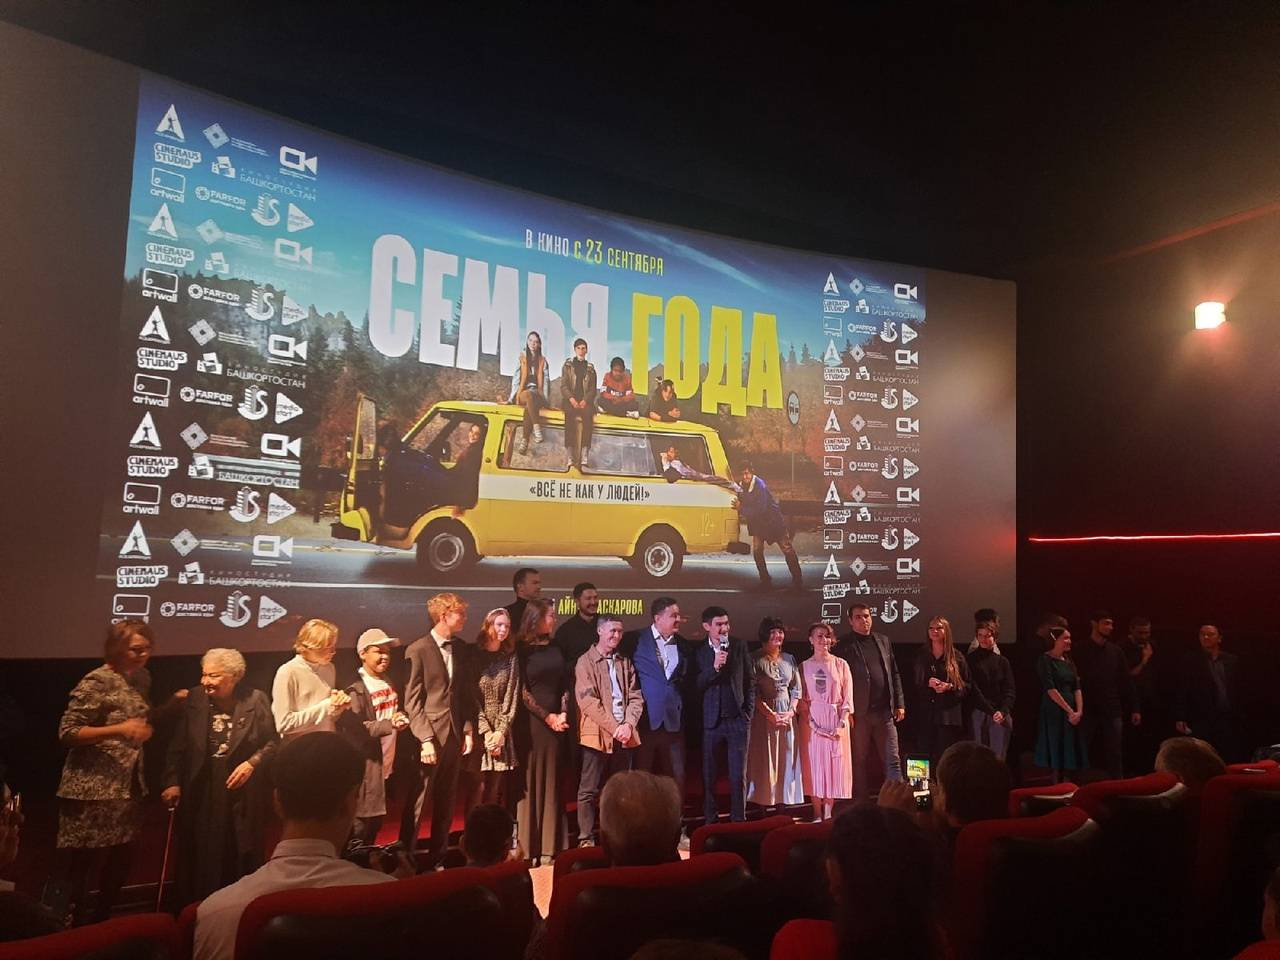 В Уфе Айнур Аскаров представил новую комедию «Семья года»